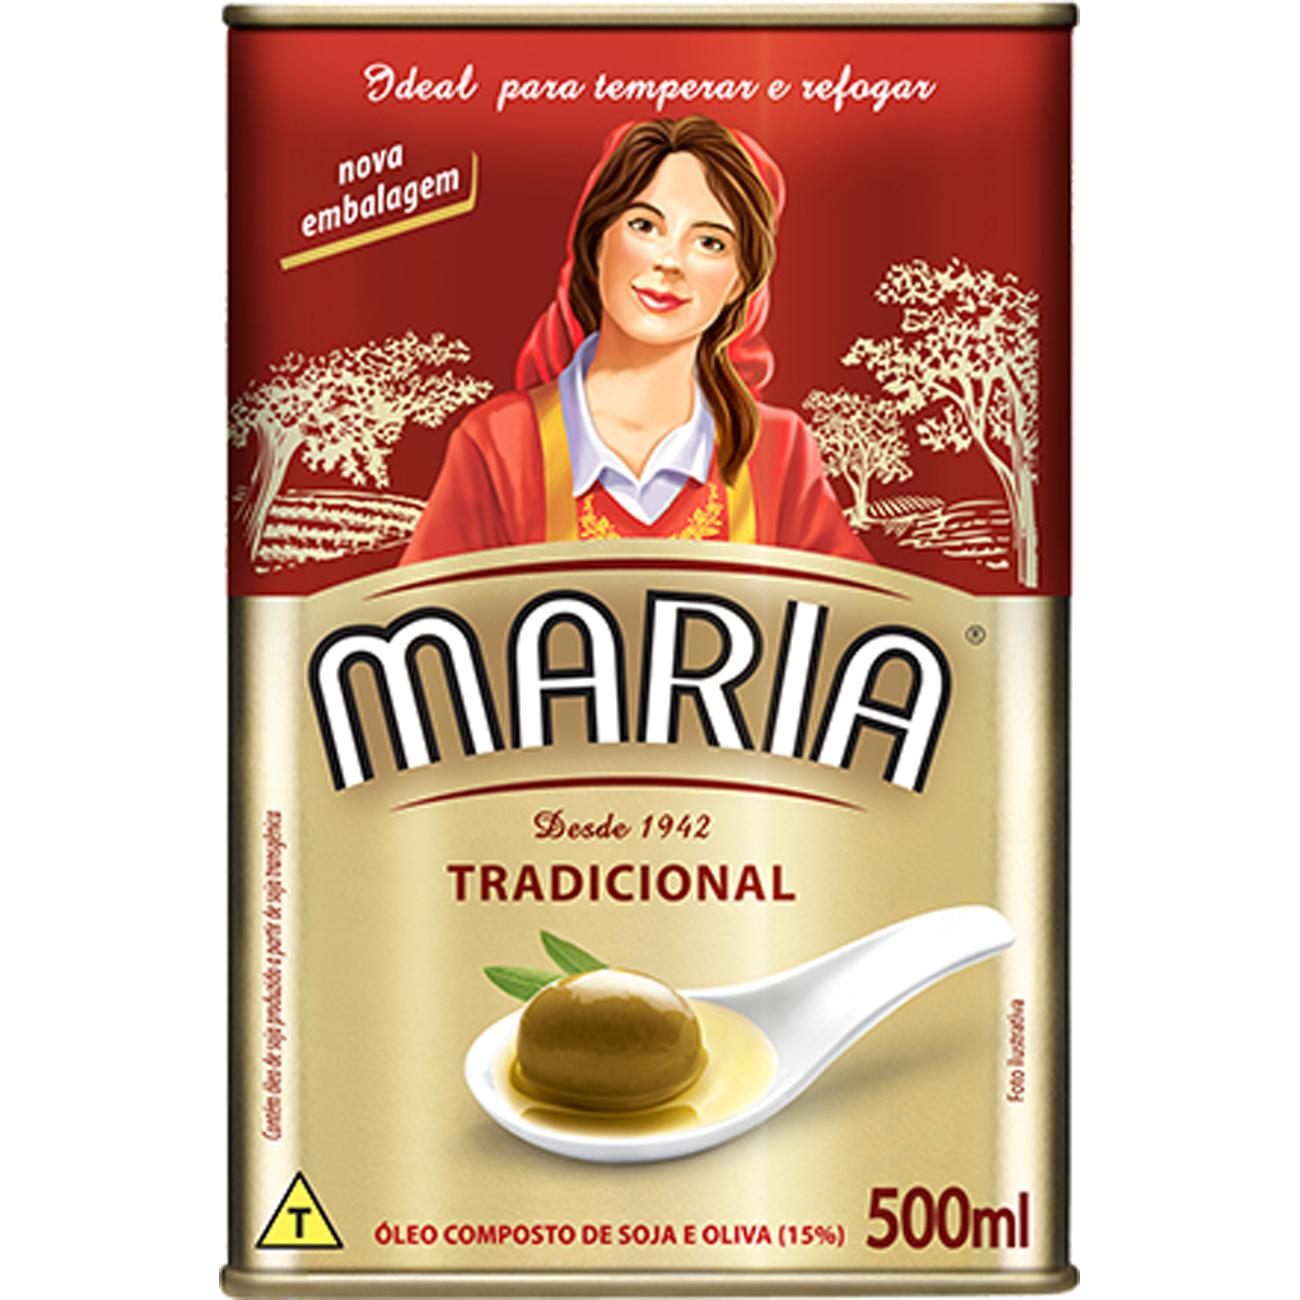 Oleo Composto Maria Tradicional 500ml